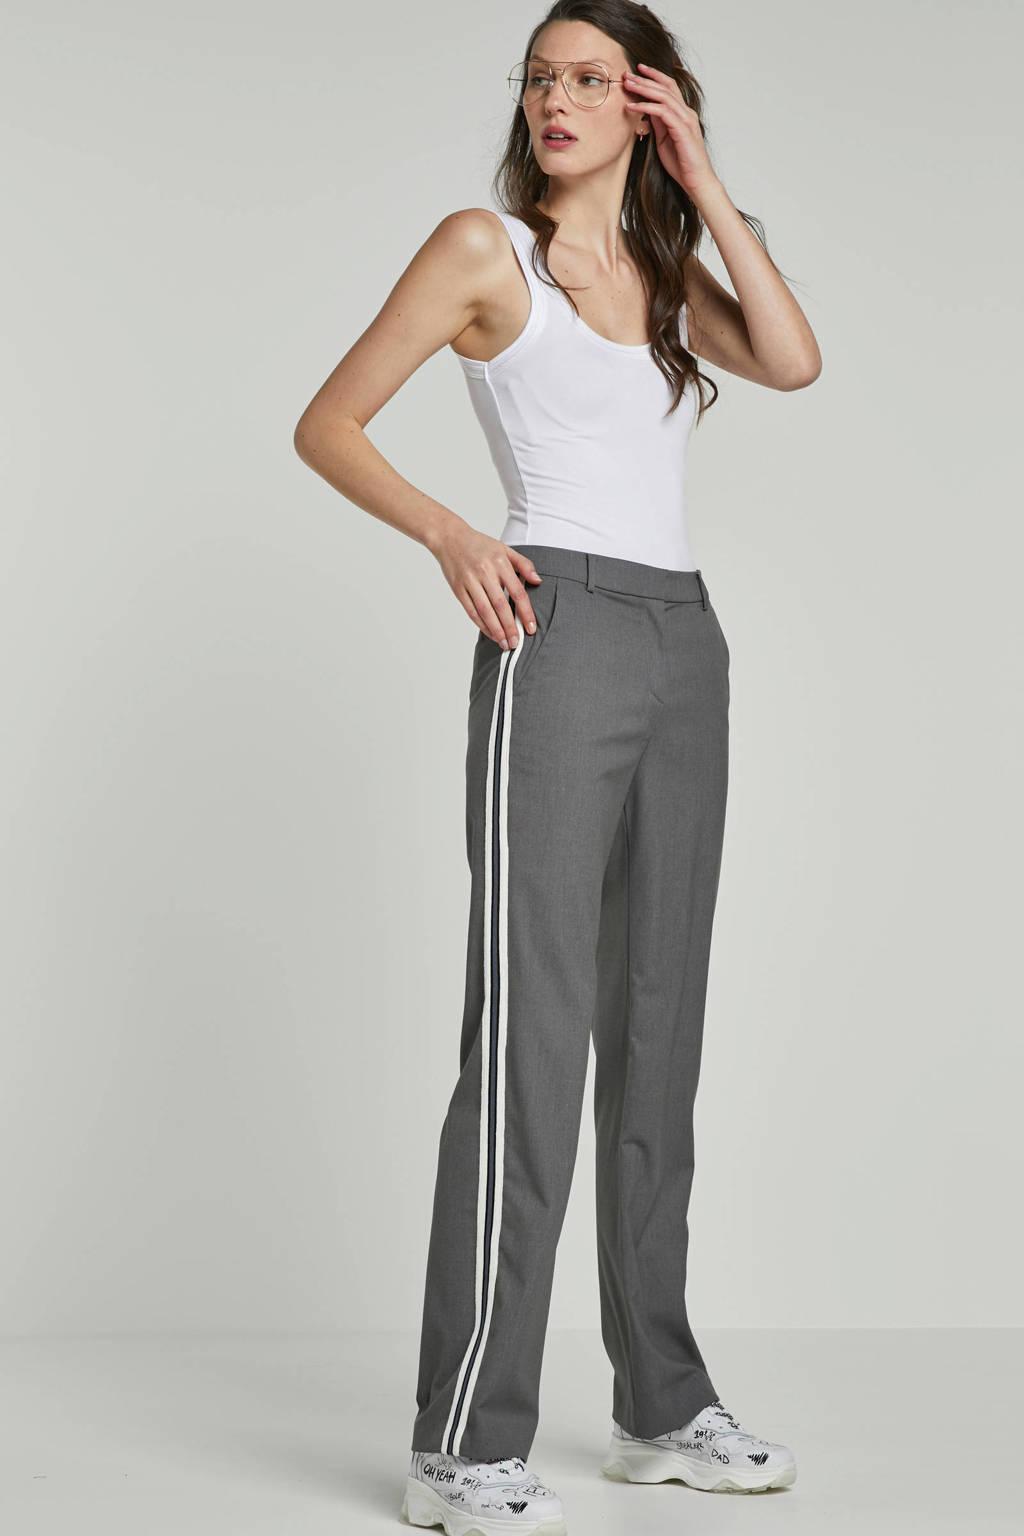 ESPRIT Women Casual pantalon met zijstrepen, Grijs